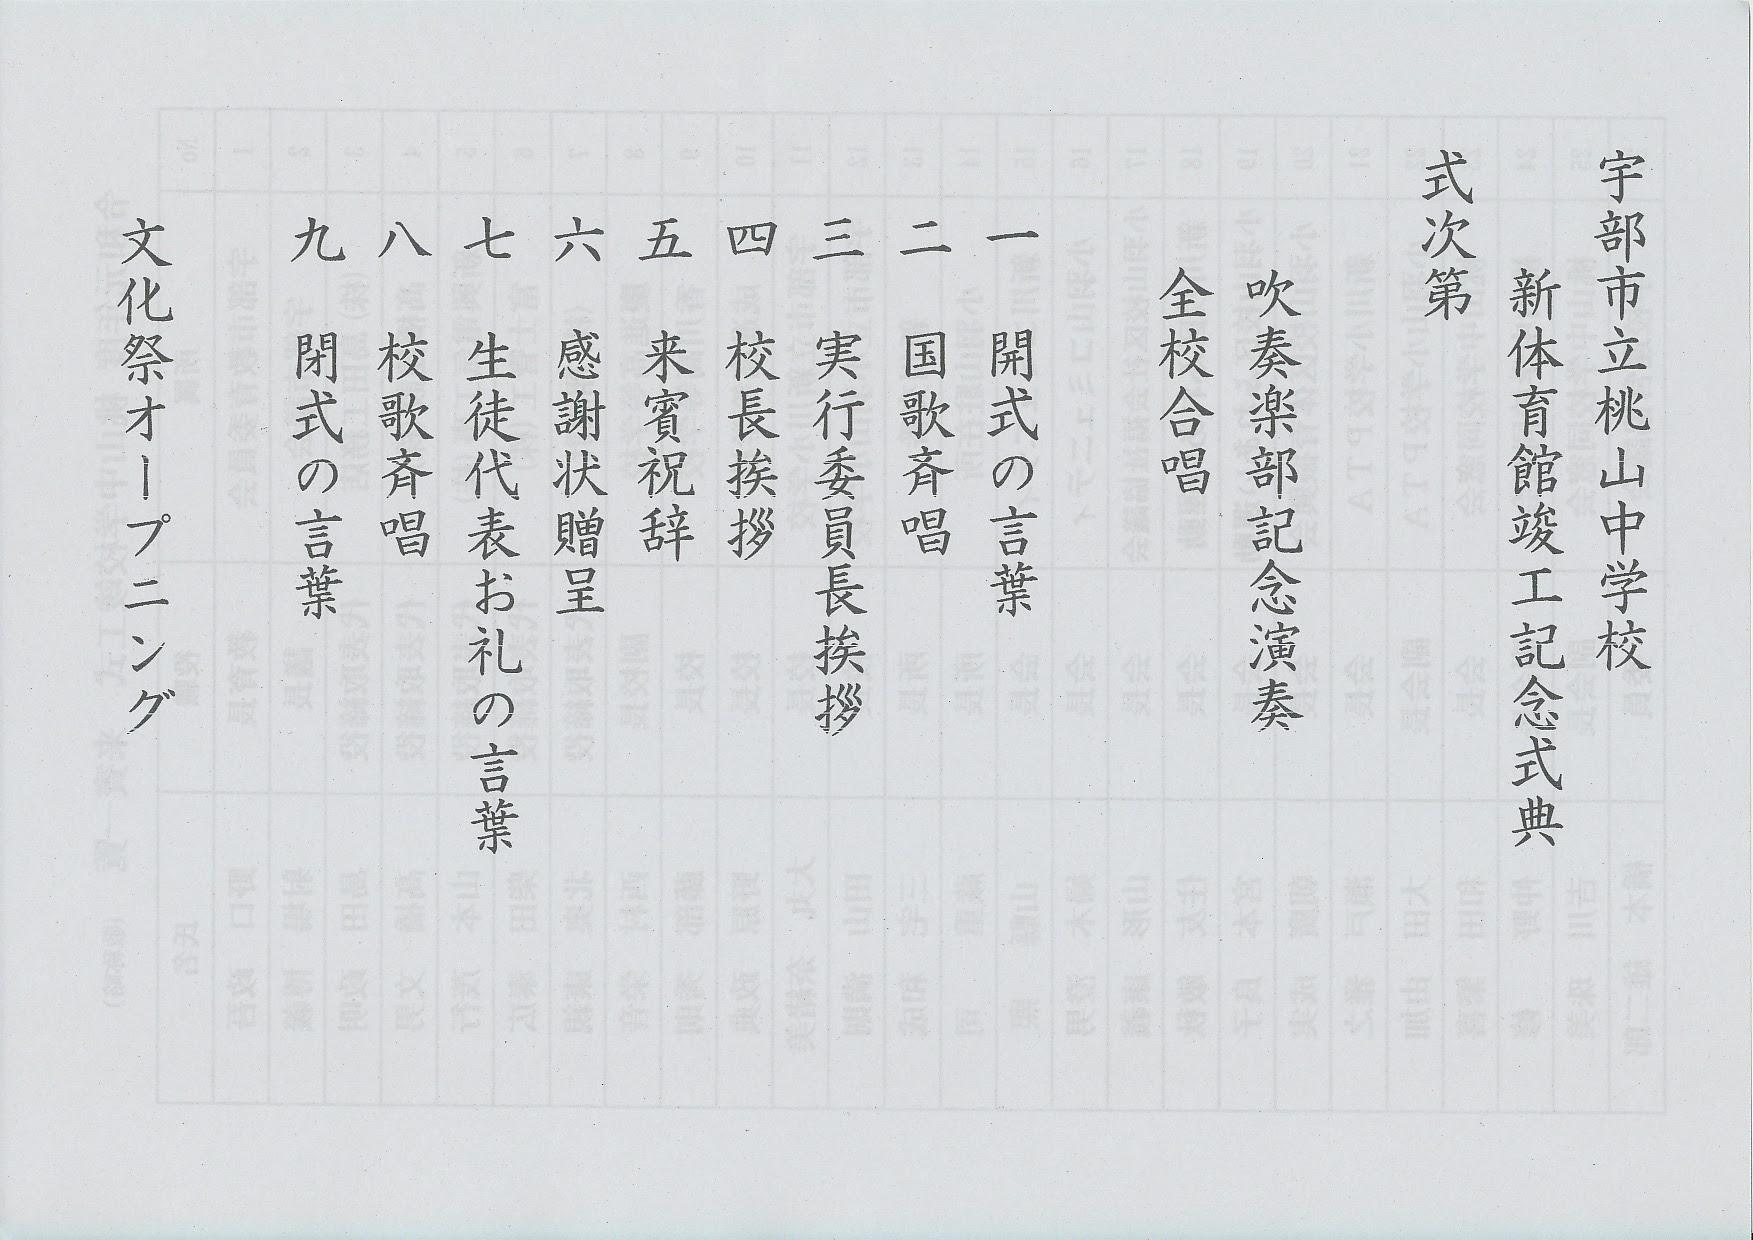 20191027 宇部市立桃山中学校 新体育館竣工記念式典 1.jpg